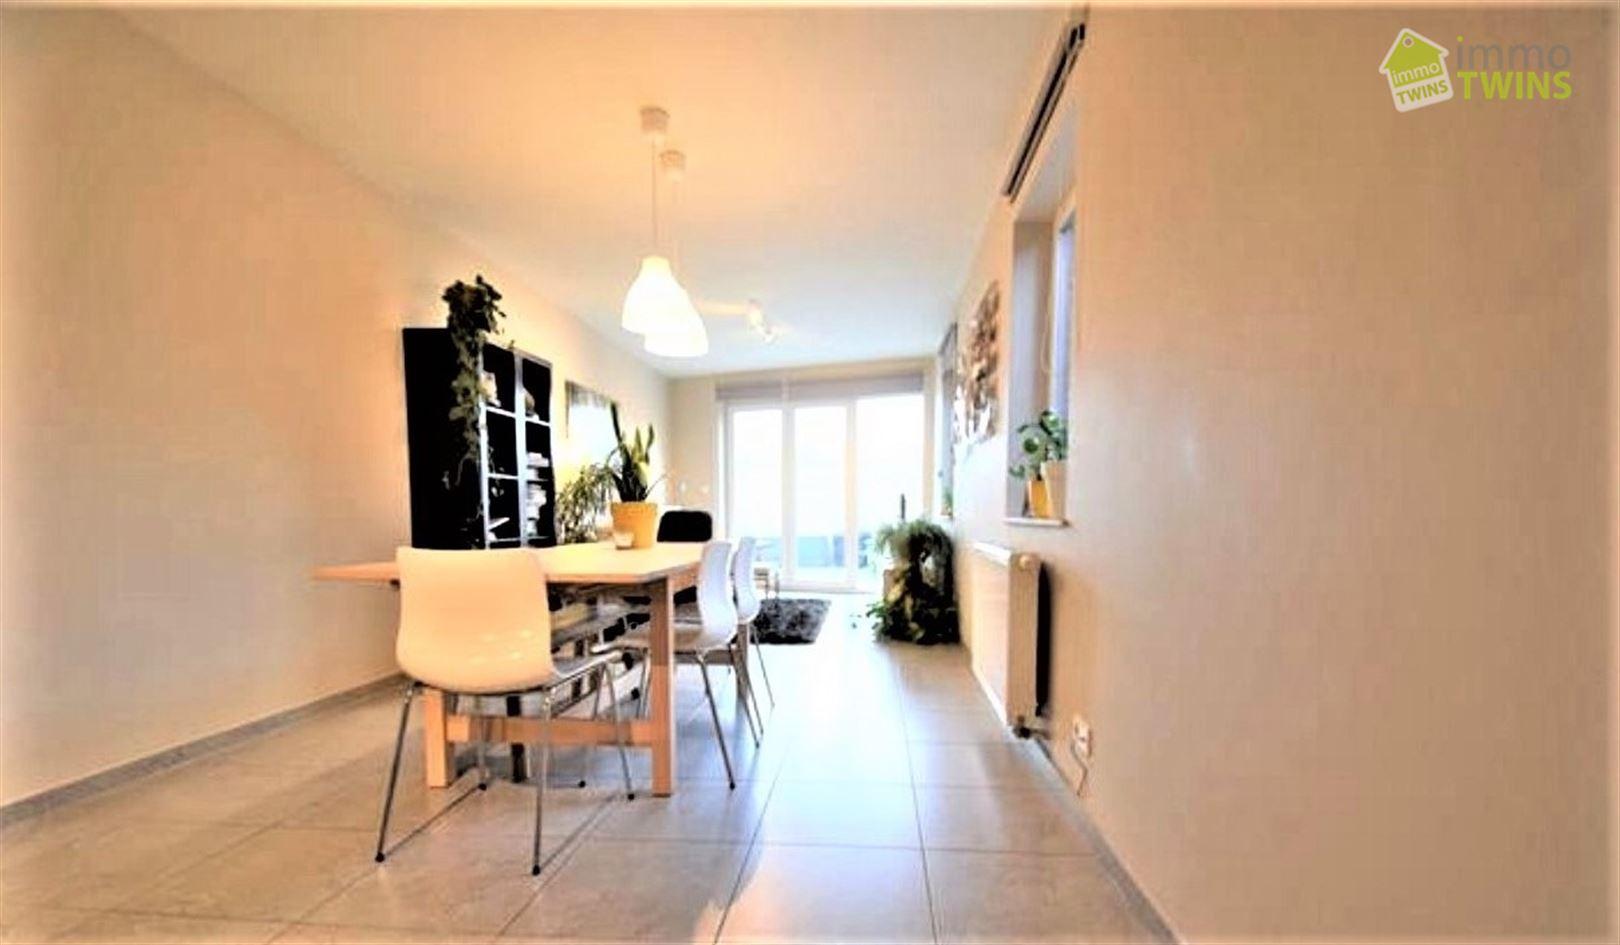 Foto 5 : Appartement te 9200 APPELS (België) - Prijs € 600